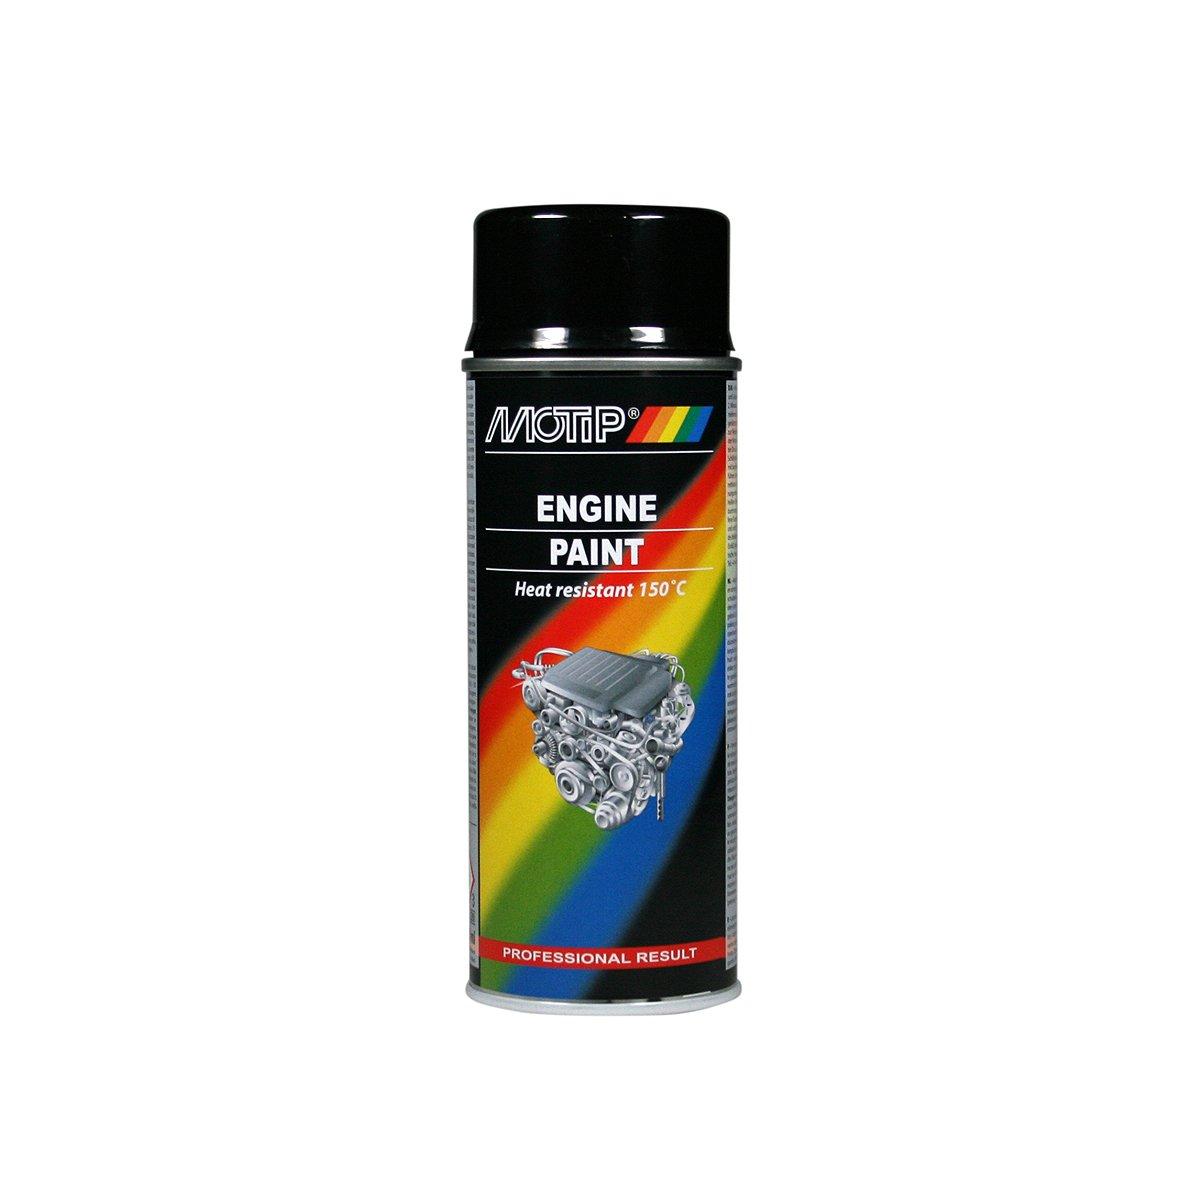 Bombe de Peinture pour moteur Motip (noir brillant) product image